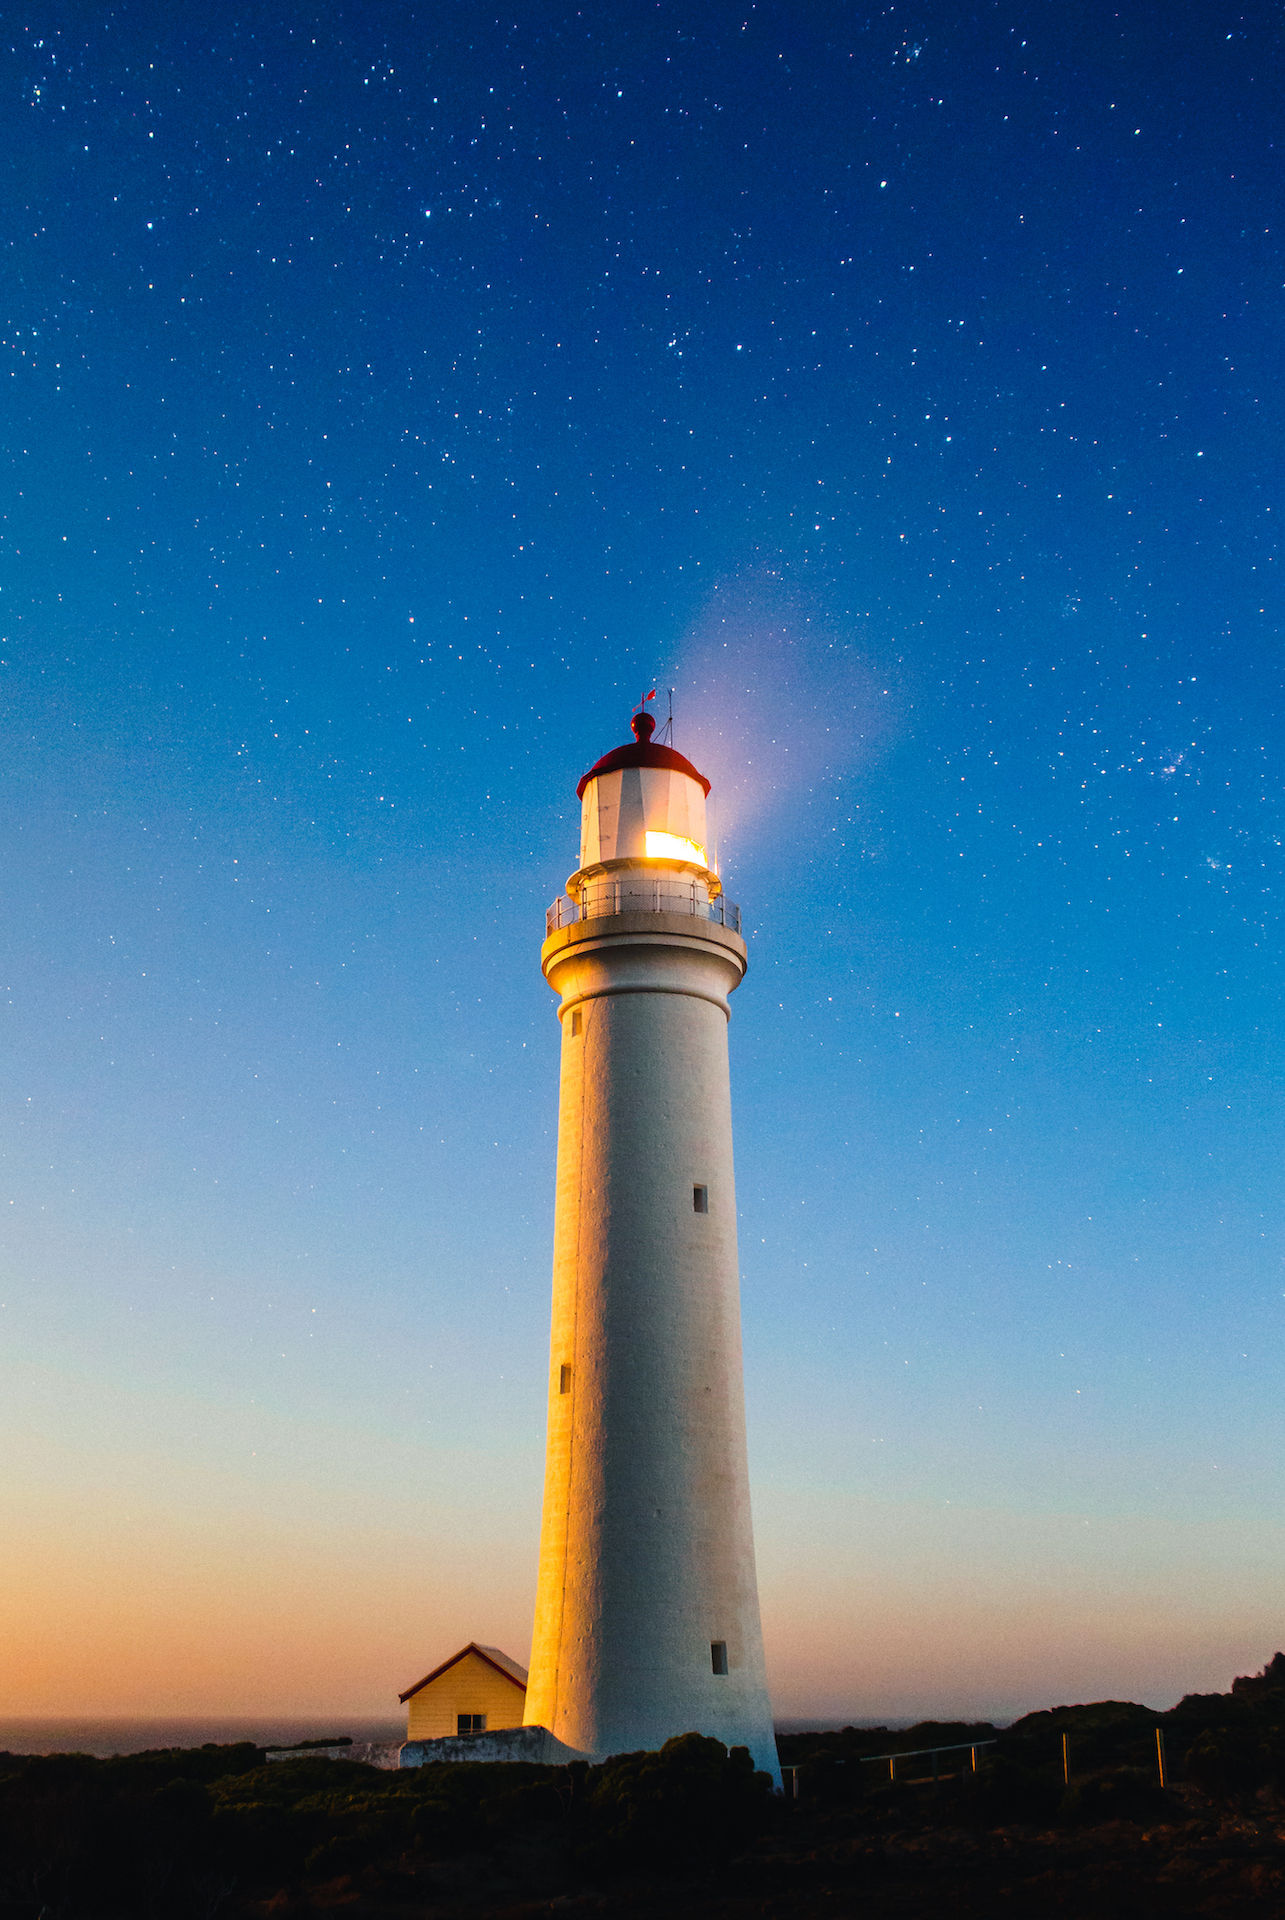 灯台, 空, 夜, つ星, 光 - HD の壁紙 - 教授-falken.com